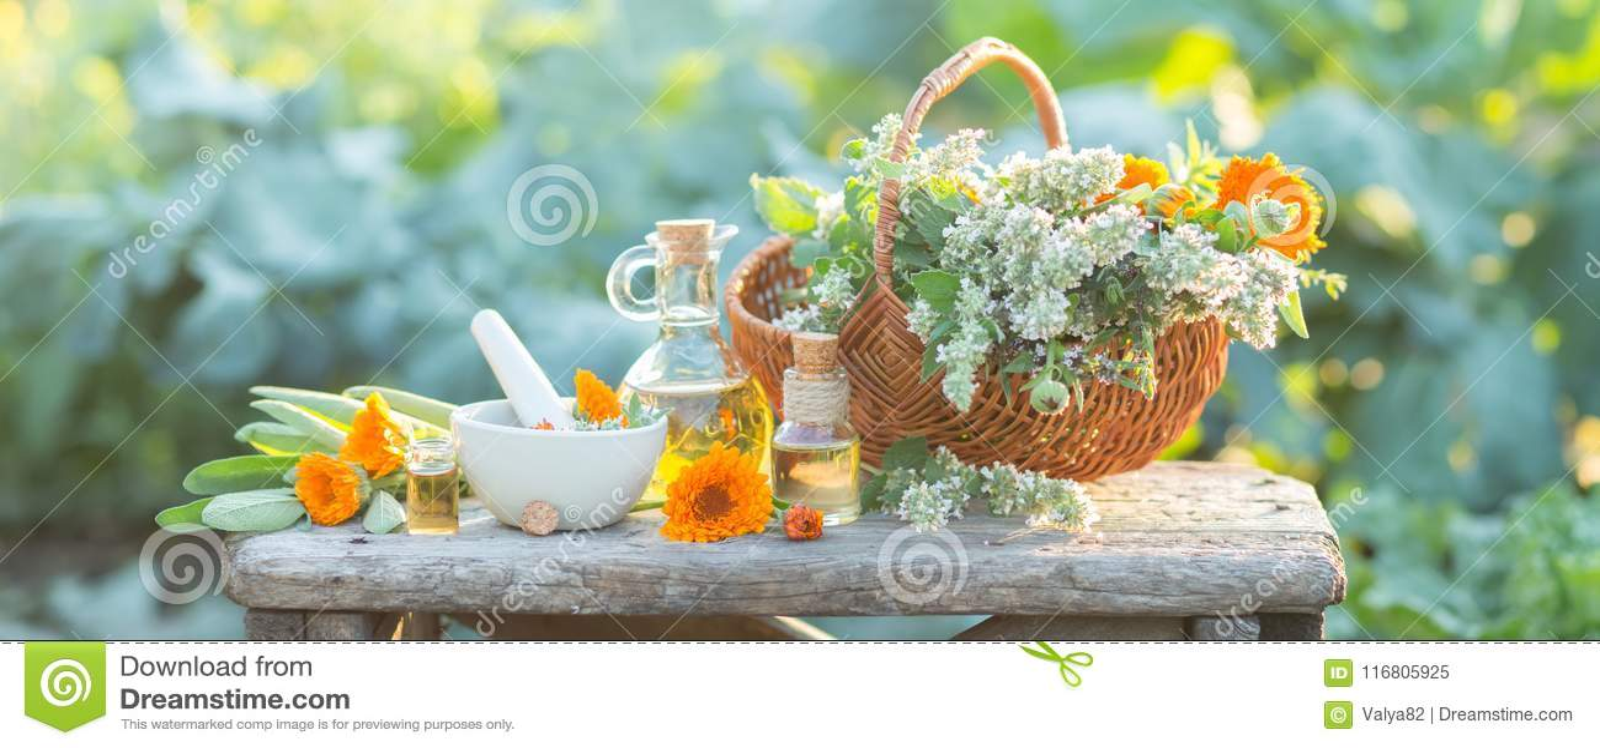 Composizione nella stazione termale con le erbe fresche, la calendula ed i tipi differenti di oli